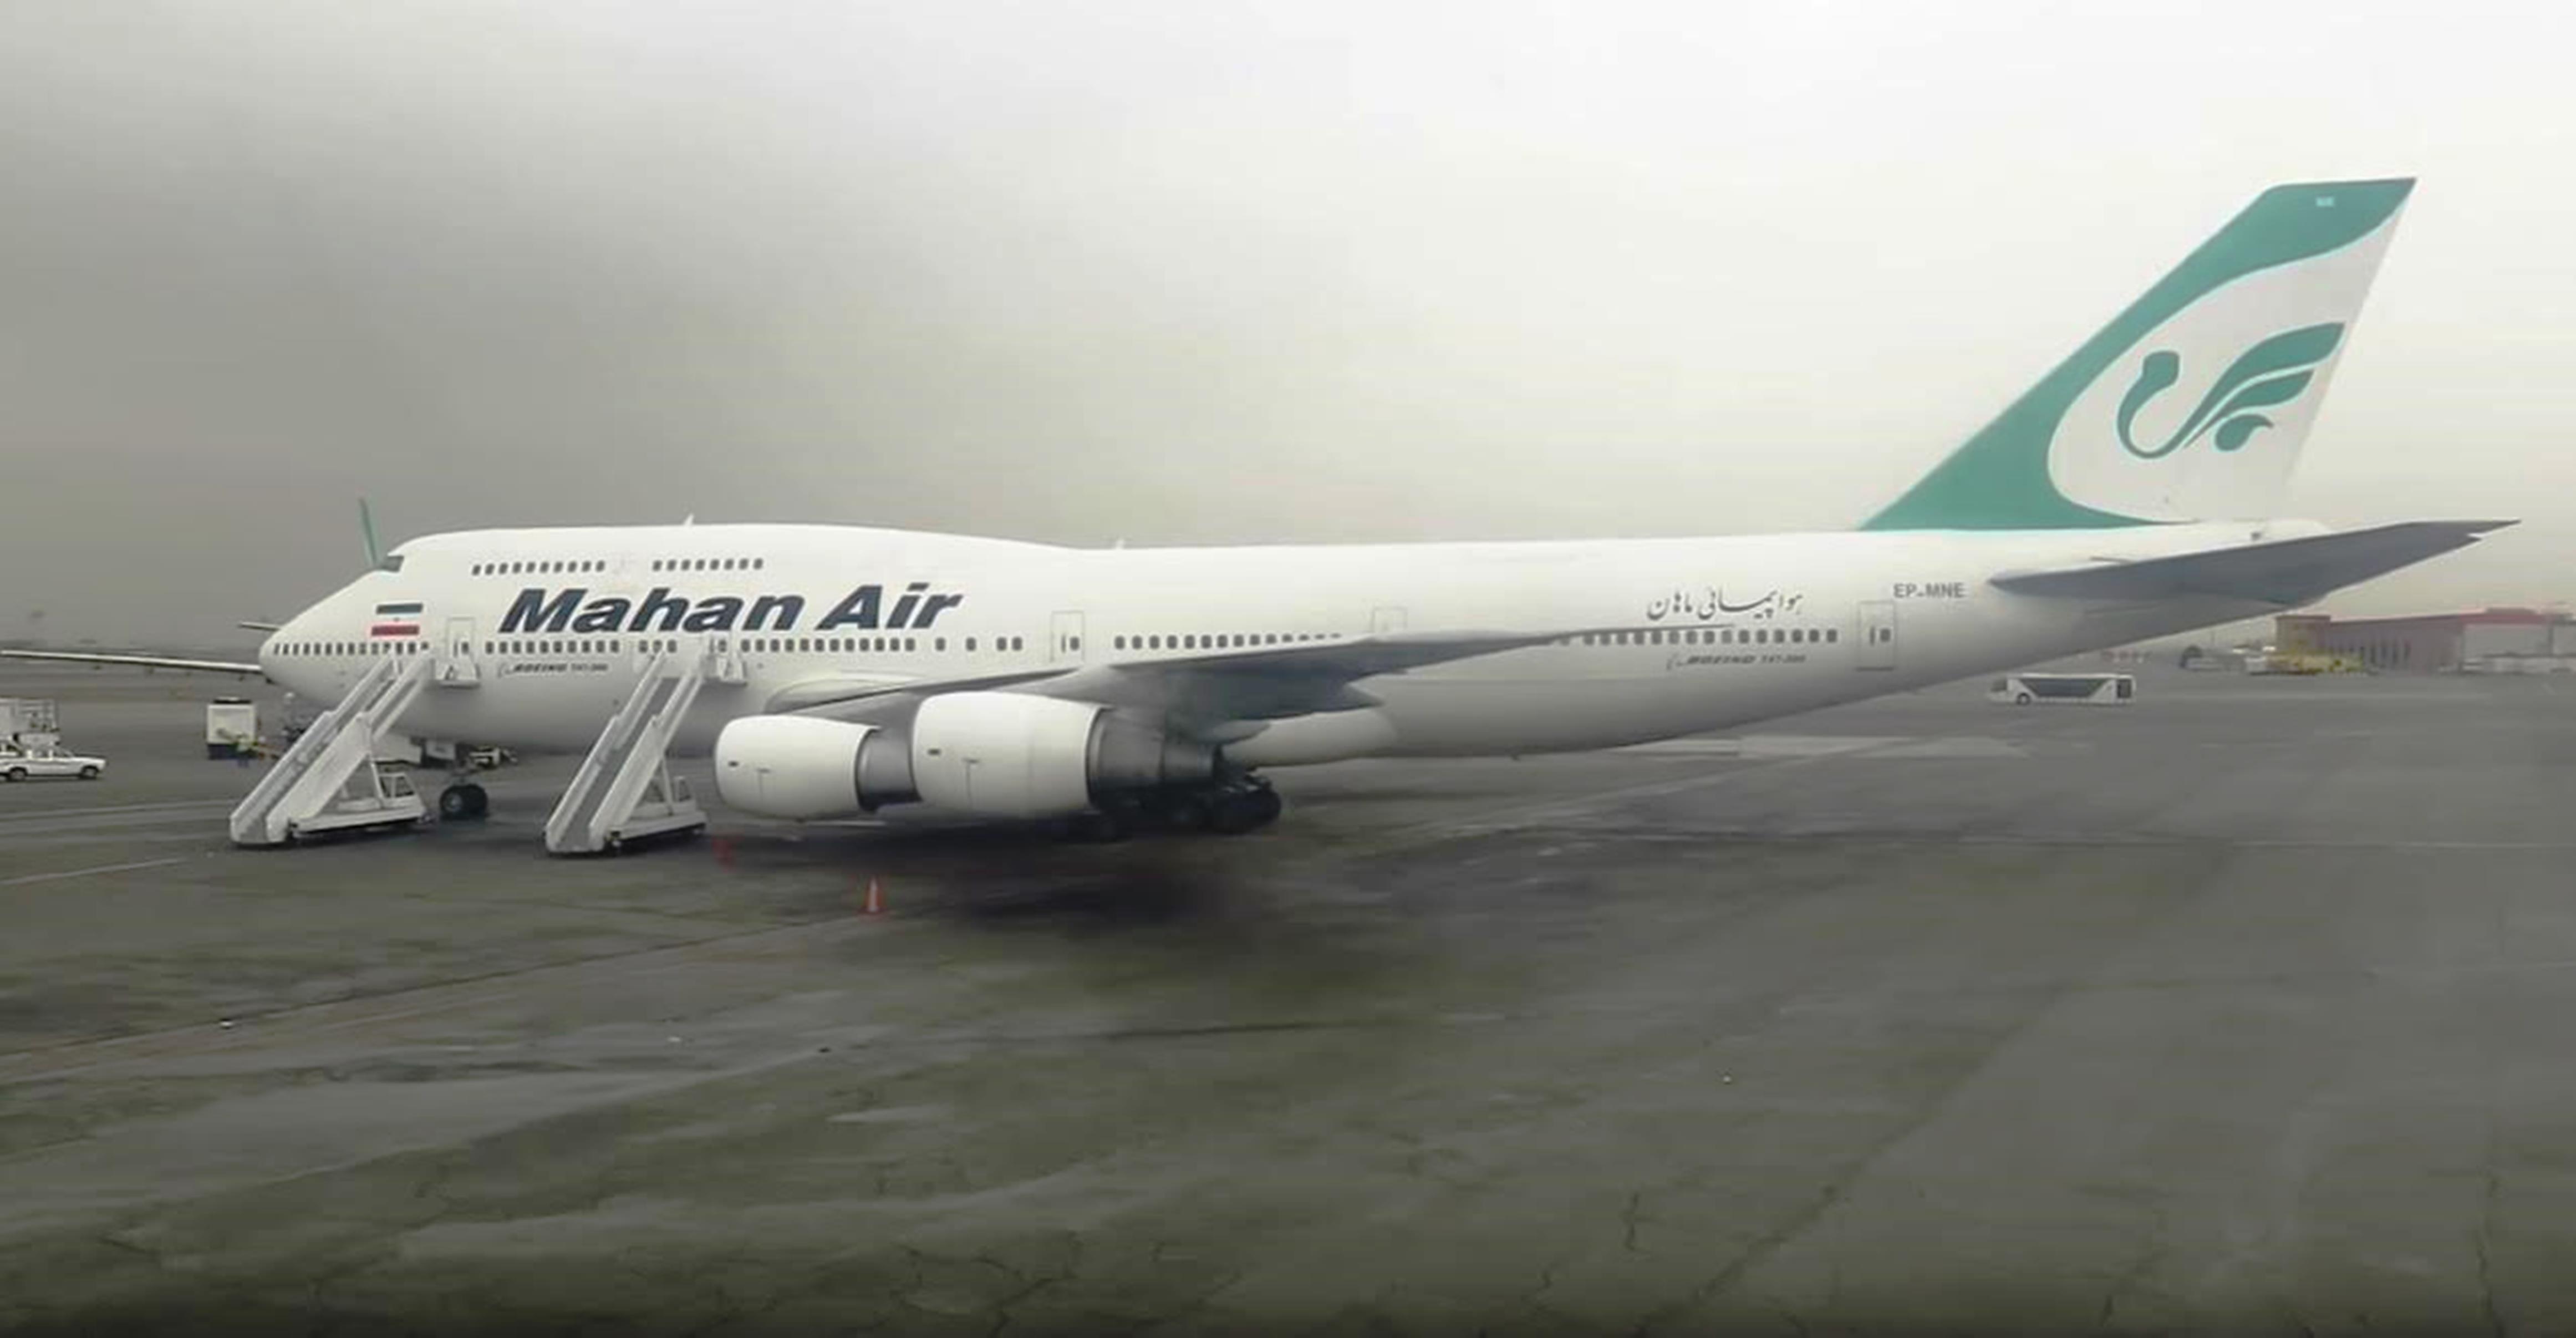 مہان ایئر: ایئر لائن مشرقِ وسطی میں ایران کے حمایت یافتہ تنازعات کی سہولت کار ہے